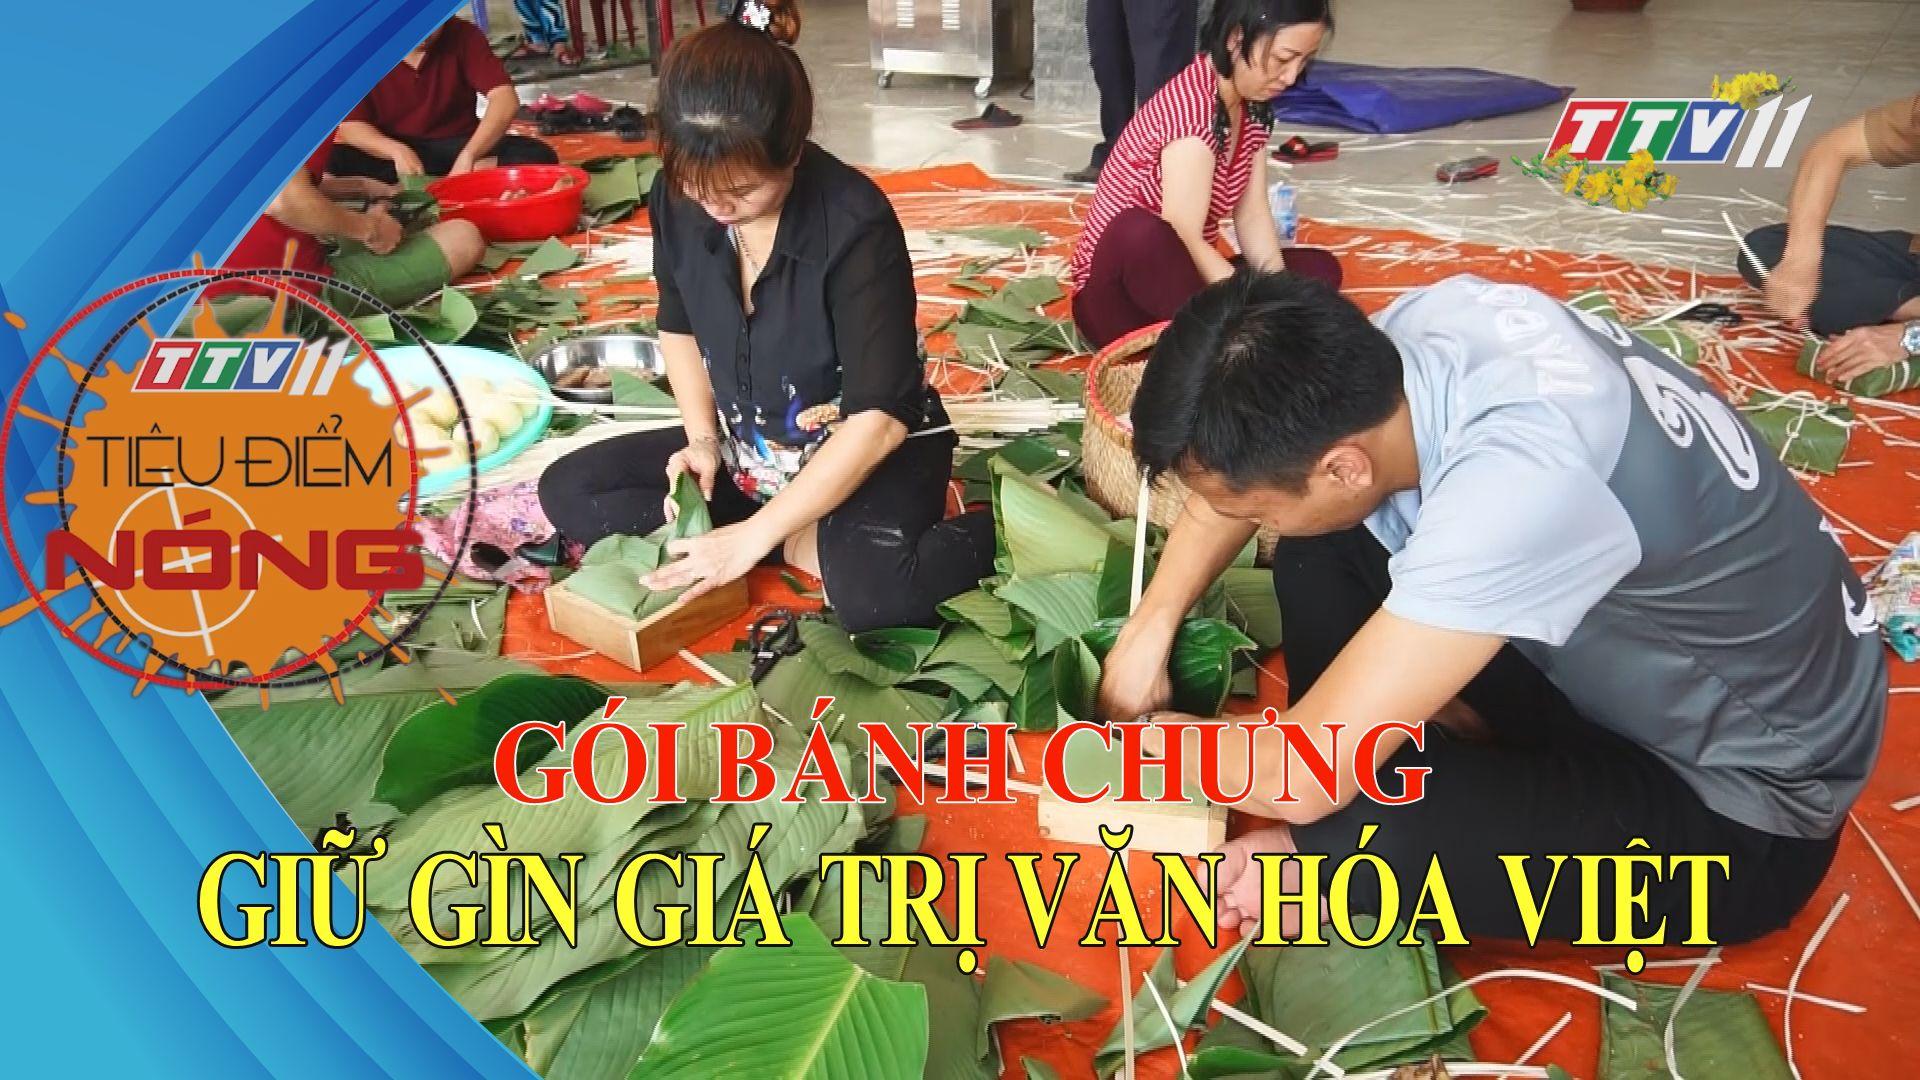 Gói bánh chưng giữ gìn giá trị văn hóa Việt | TIÊU ĐIỂM NÓNG | TayNinhTV